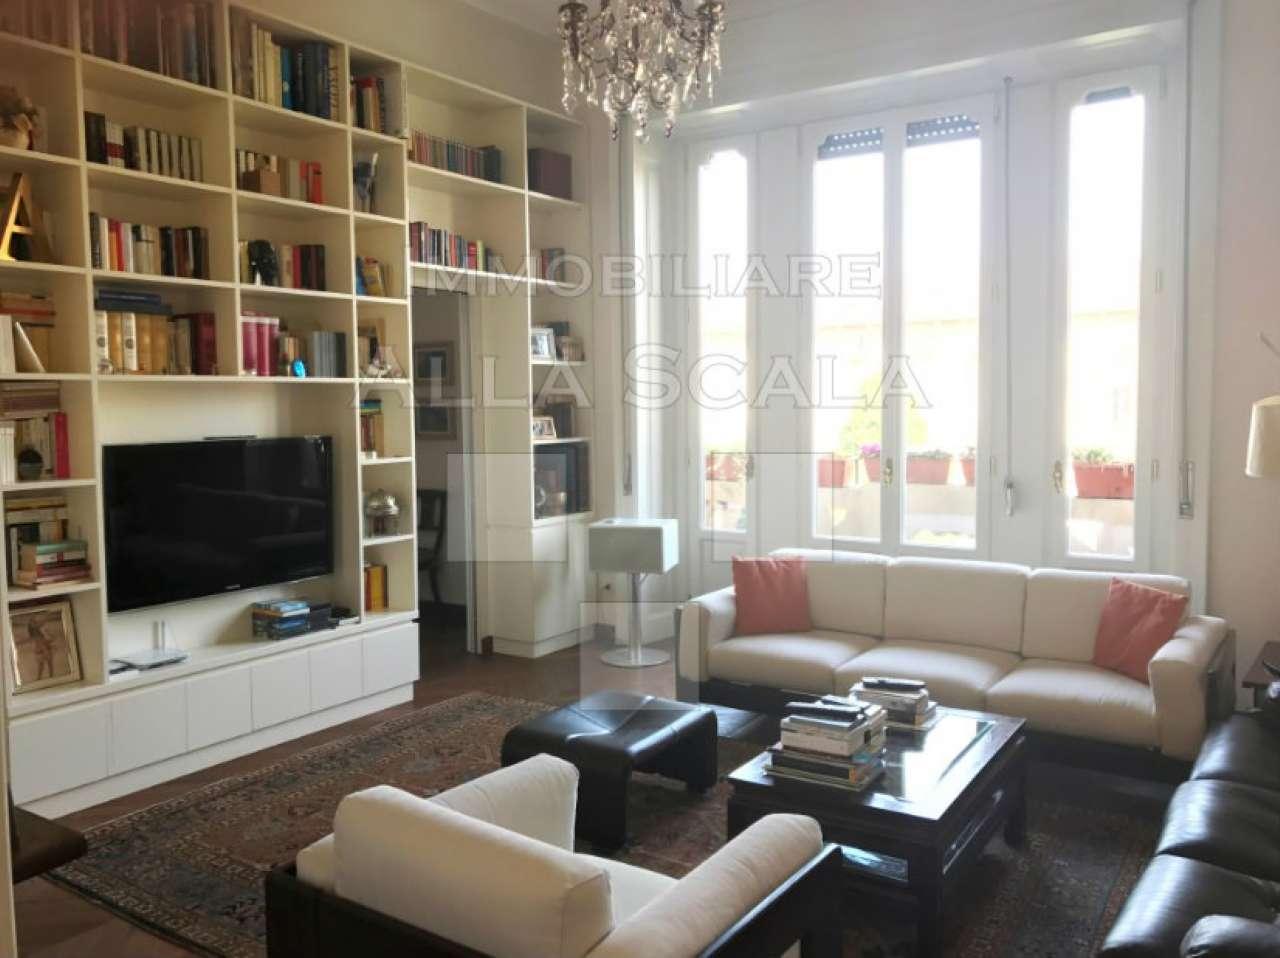 Appartamento in Vendita a Milano: 4 locali, 240 mq - Foto 2